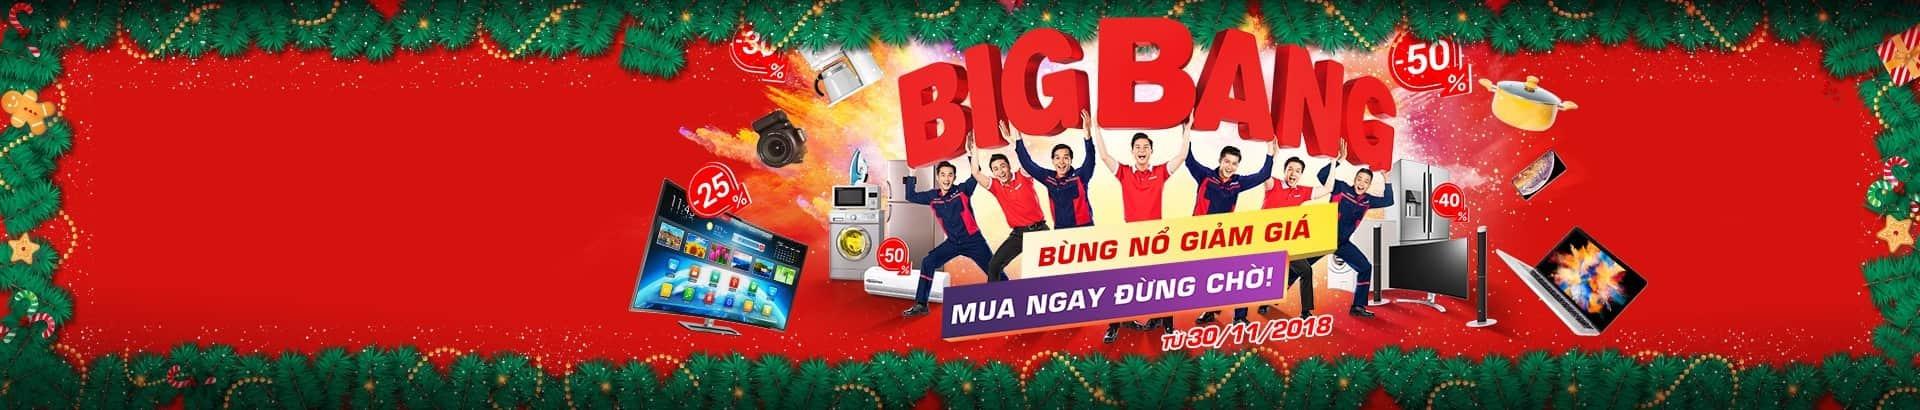 BigBang 2018 <br/>Giảm đến 50%